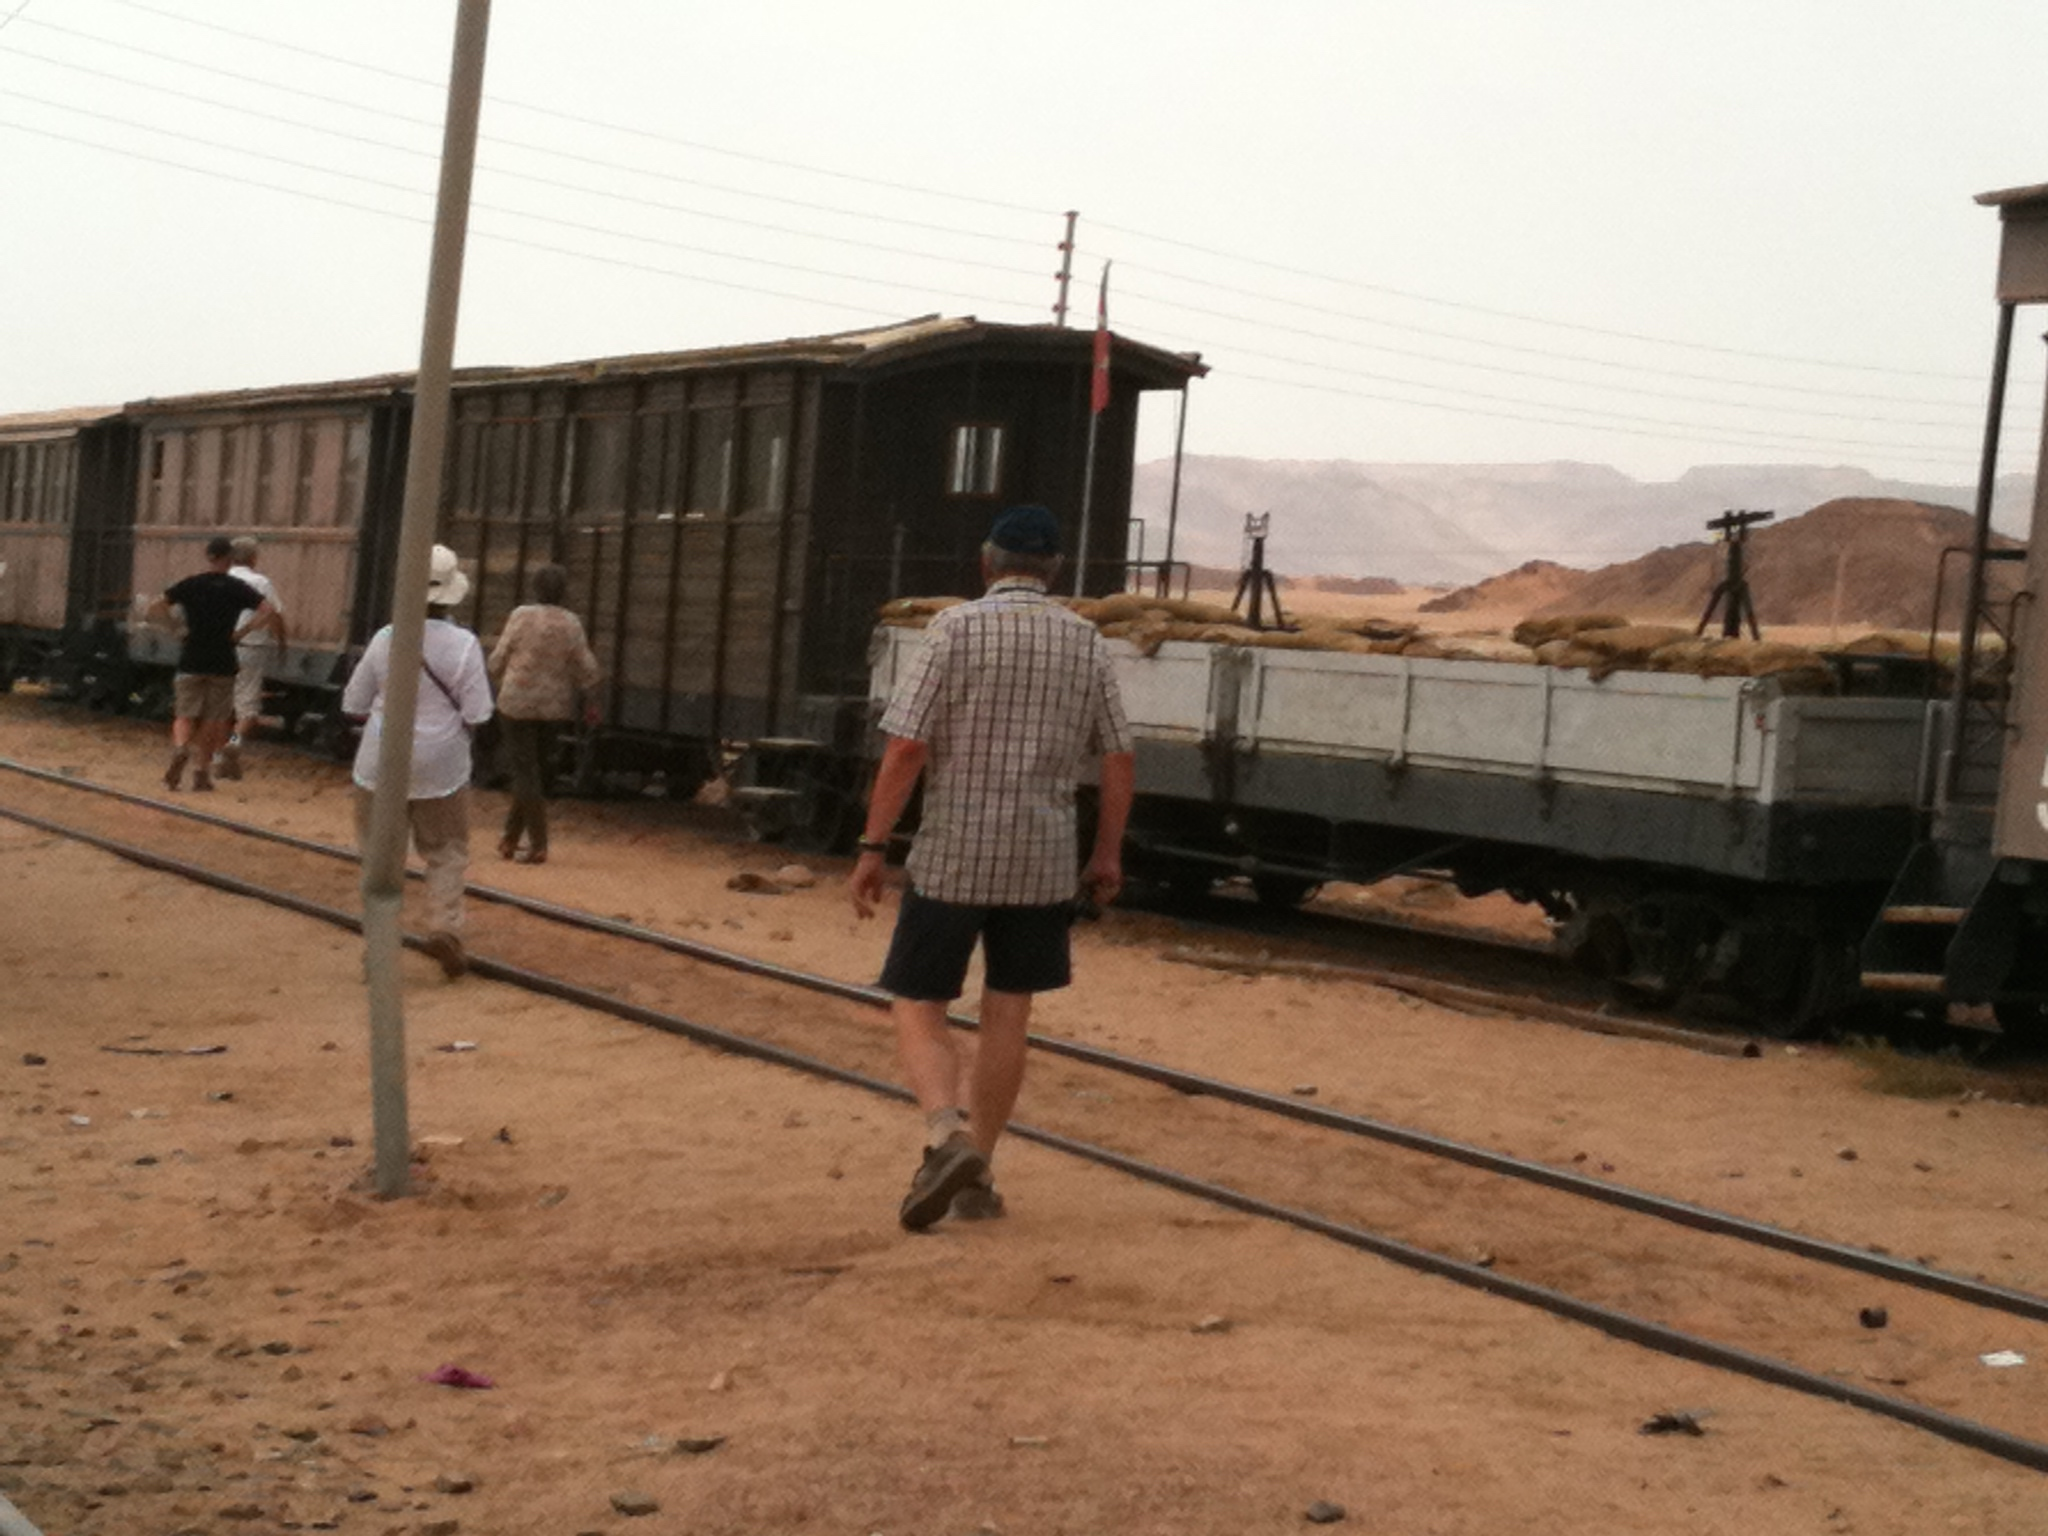 Sur la voie ferrée, train- musée de la saga de Lawrence